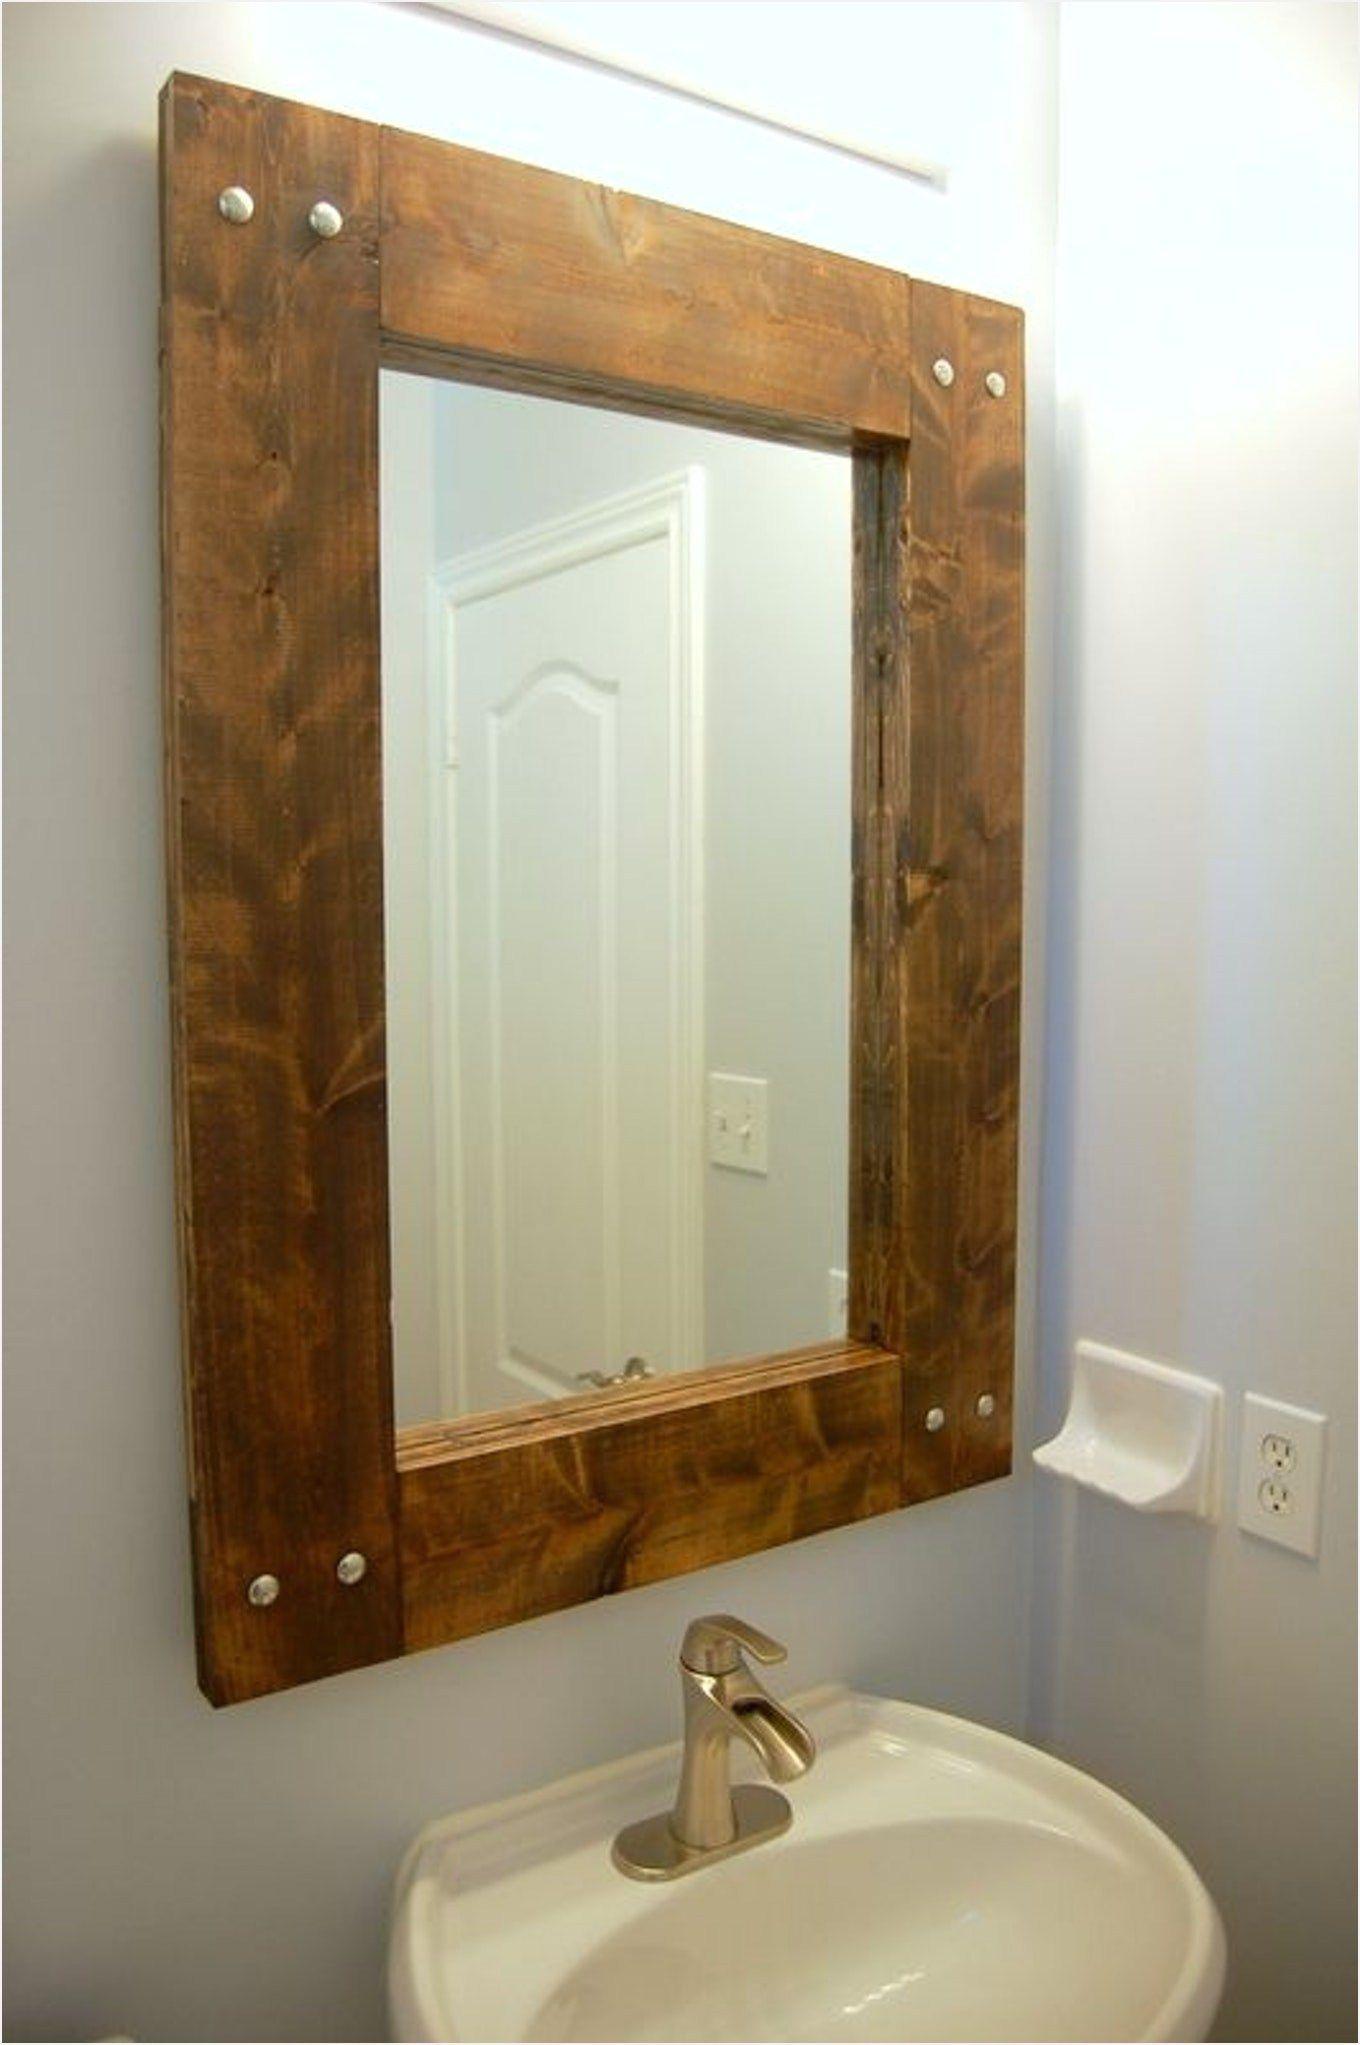 43 Stunning Rustic Bathroom Mirrors Ideas Comedecor Espejos Para Banos Espejos Rusticos Espejos De Pared